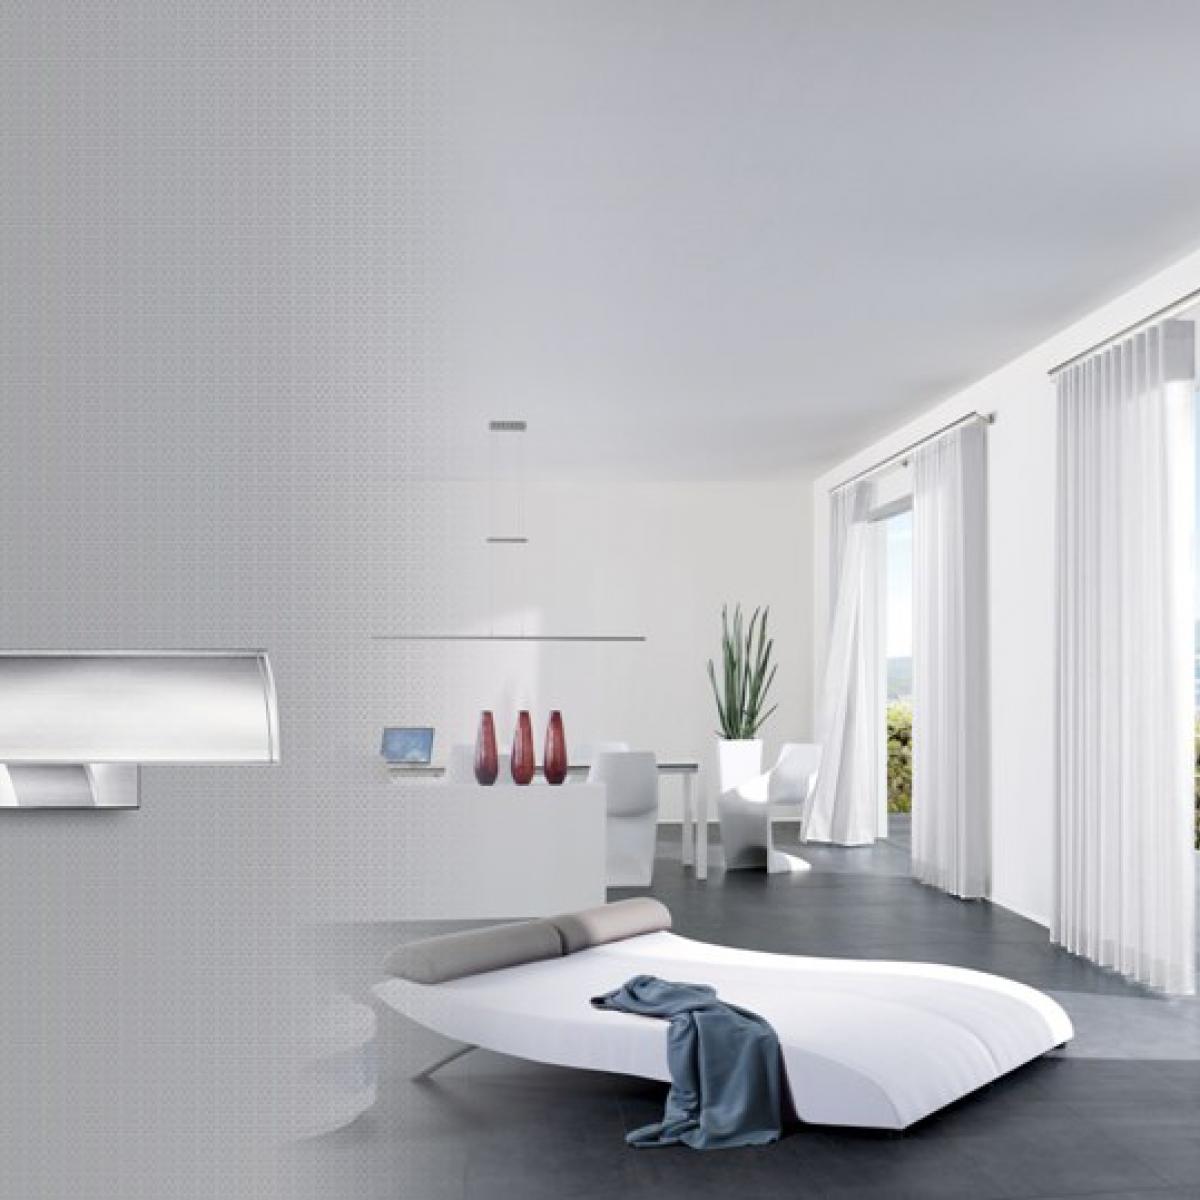 fl chenvorh nge raumausstatter with ft sohn dortmund. Black Bedroom Furniture Sets. Home Design Ideas